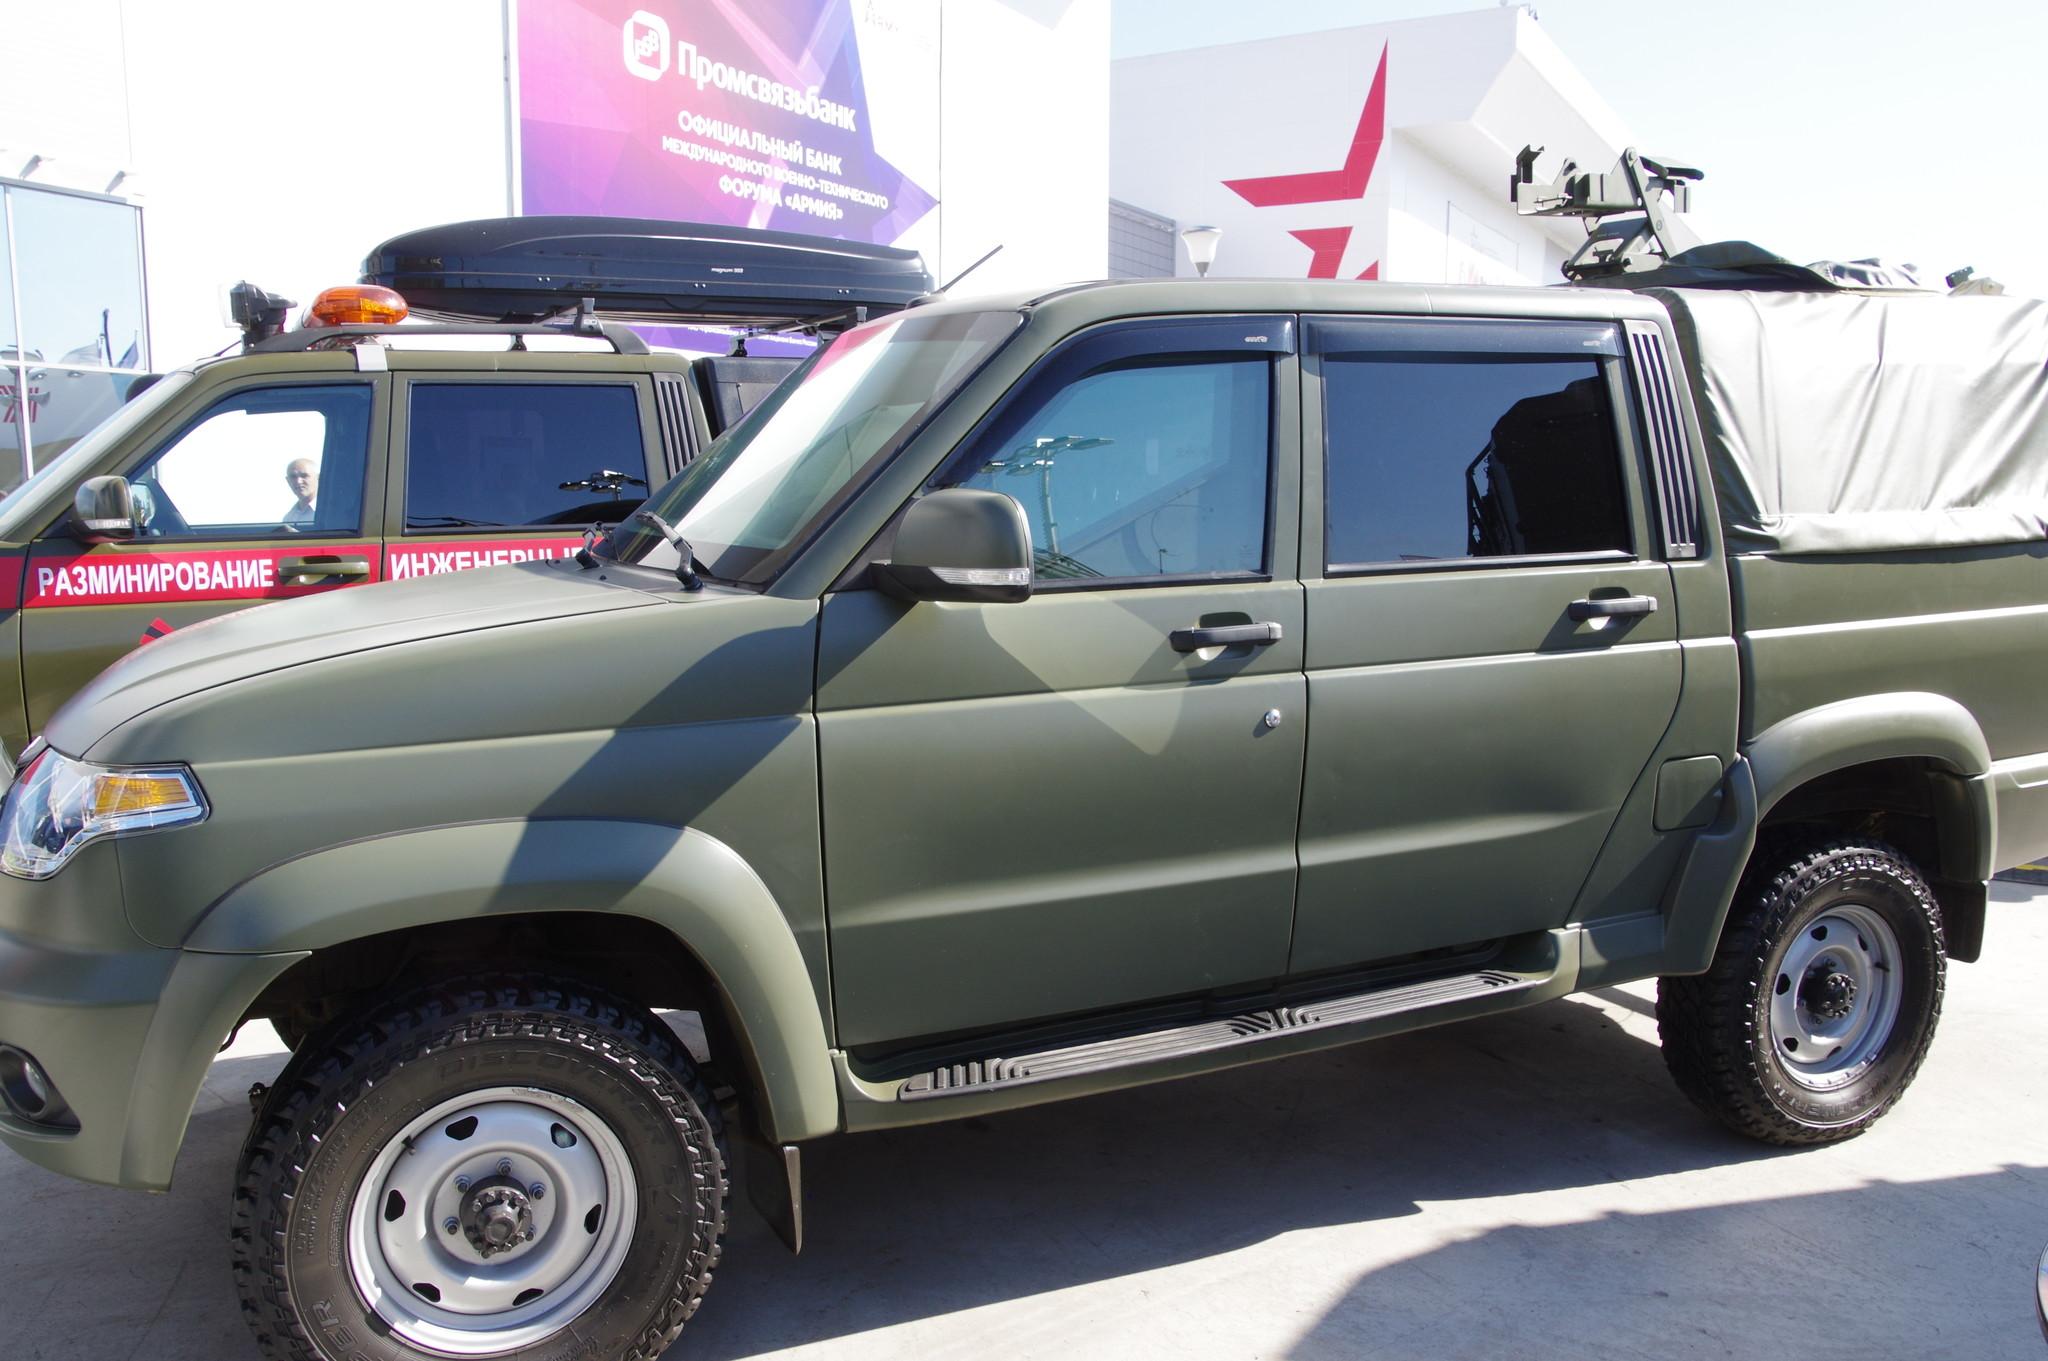 Специальное транспортное средство ЕСАУЛ 39461-03-02 - пикап на базе УАЗ-2363 (Пикап)